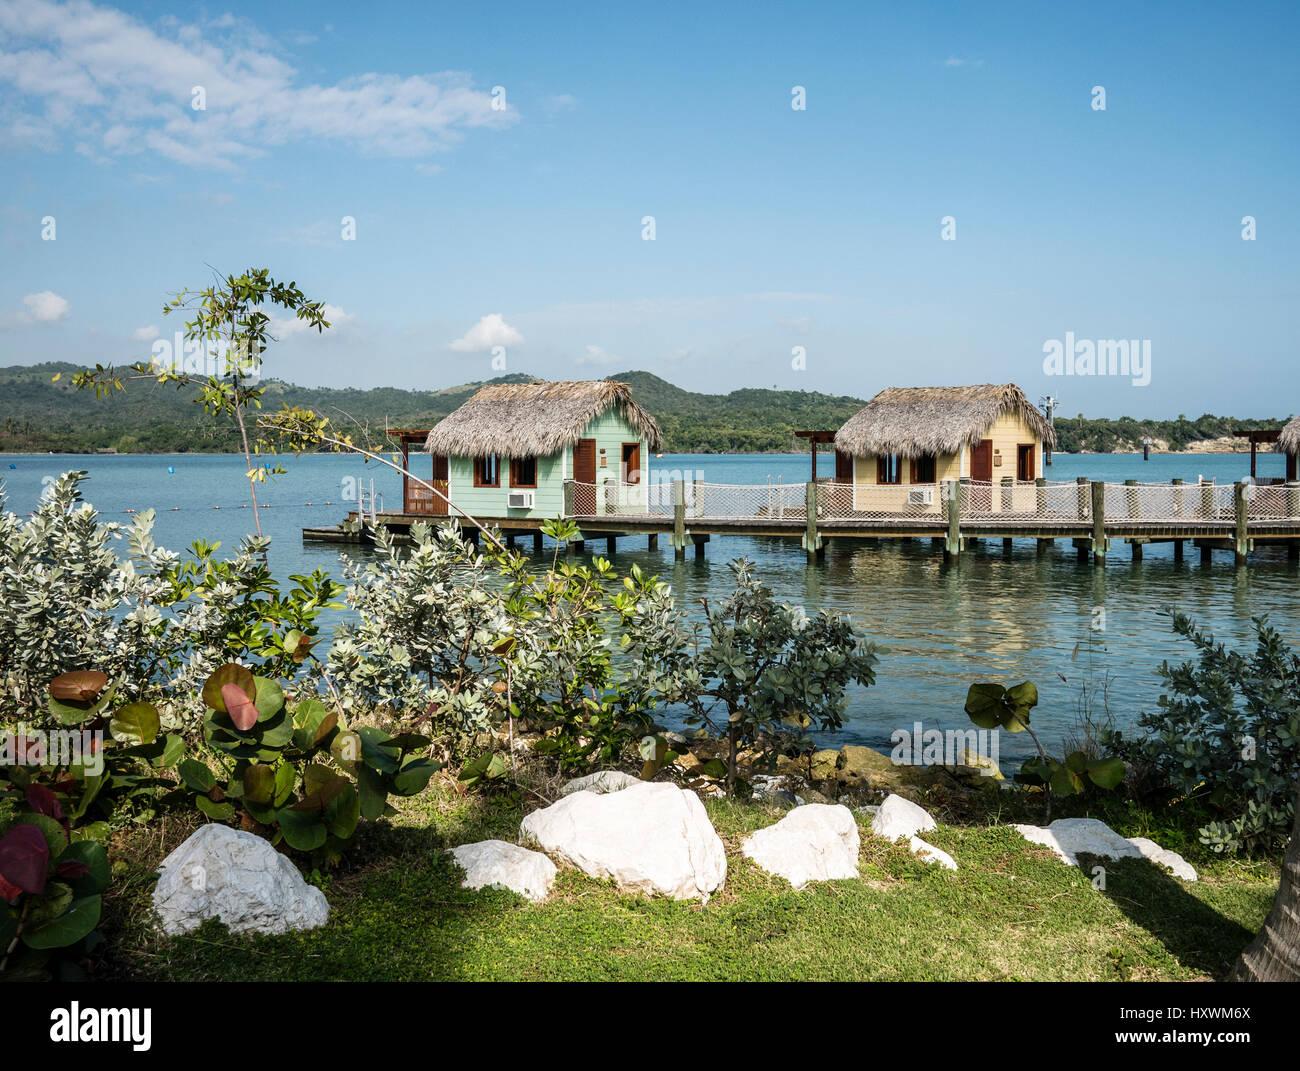 Holiday cabine a personalizzato costruito ambra cove resort crociera nei Caraibi Repubblica dominicana Immagini Stock